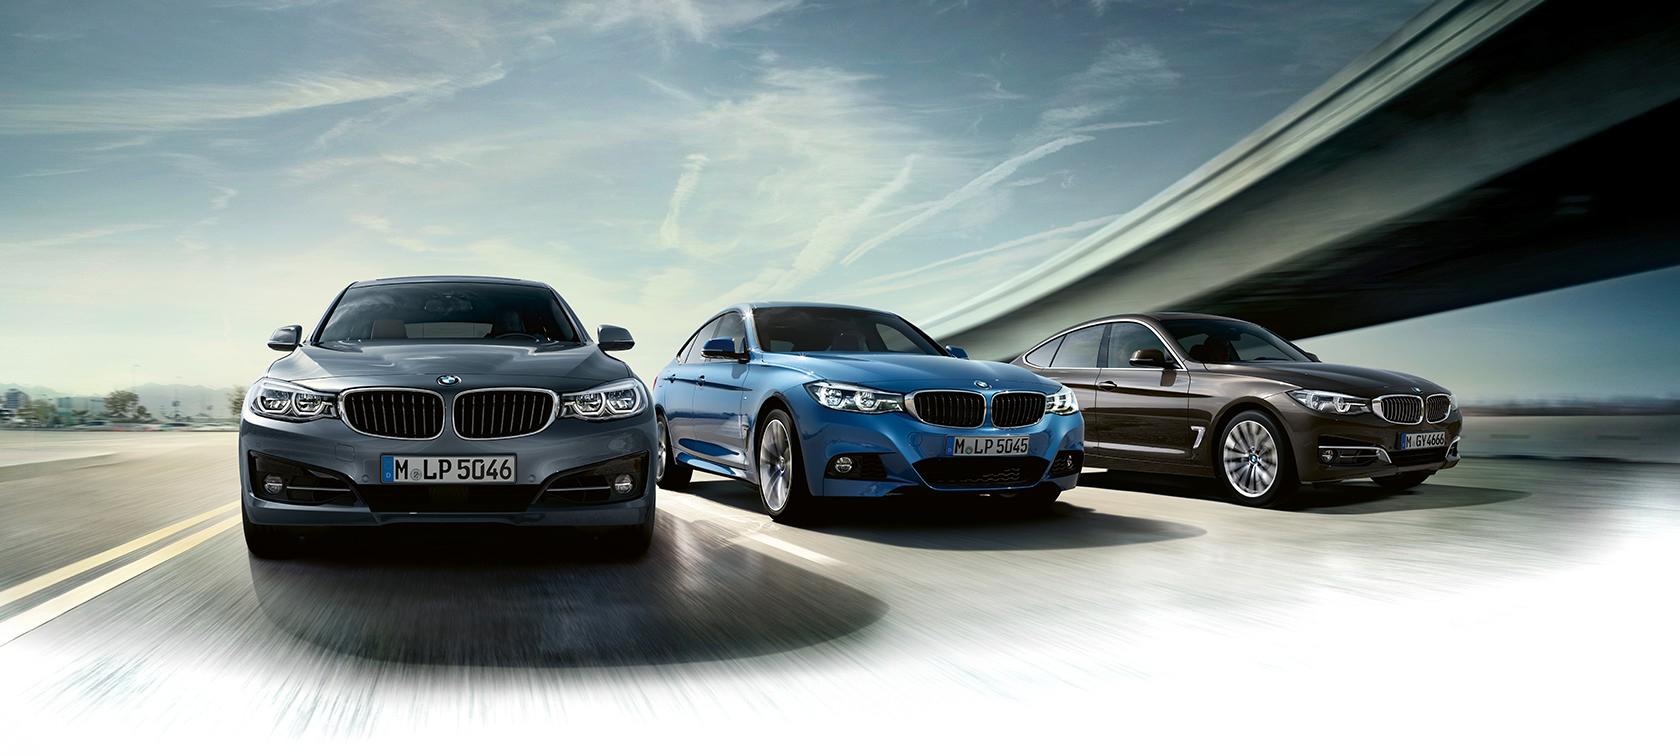 6a05035622c52 BMW radu 3 Gran Turismo: Modely a výbava